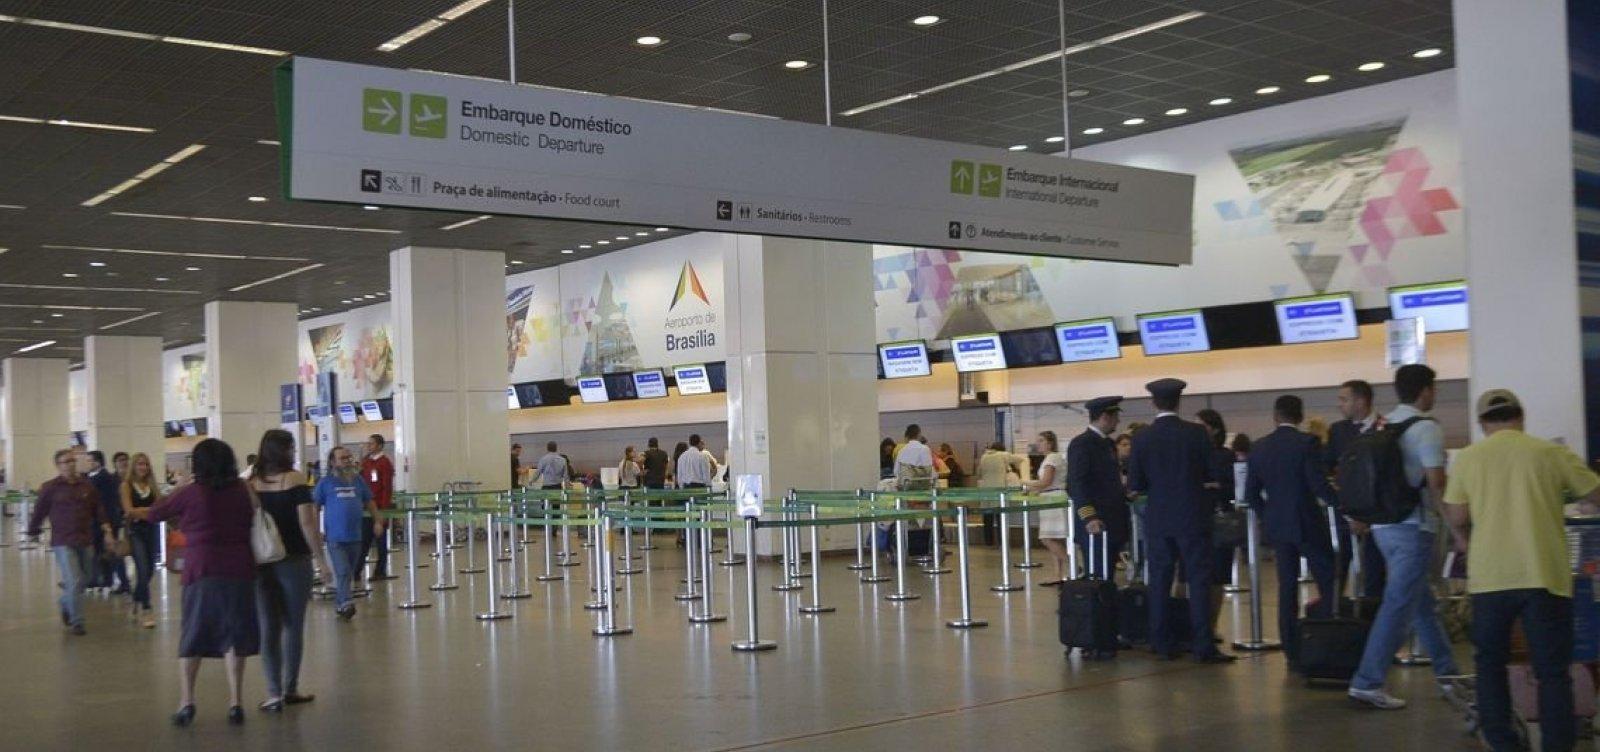 Anac fechará postos presenciais de atendimento em aeroportos